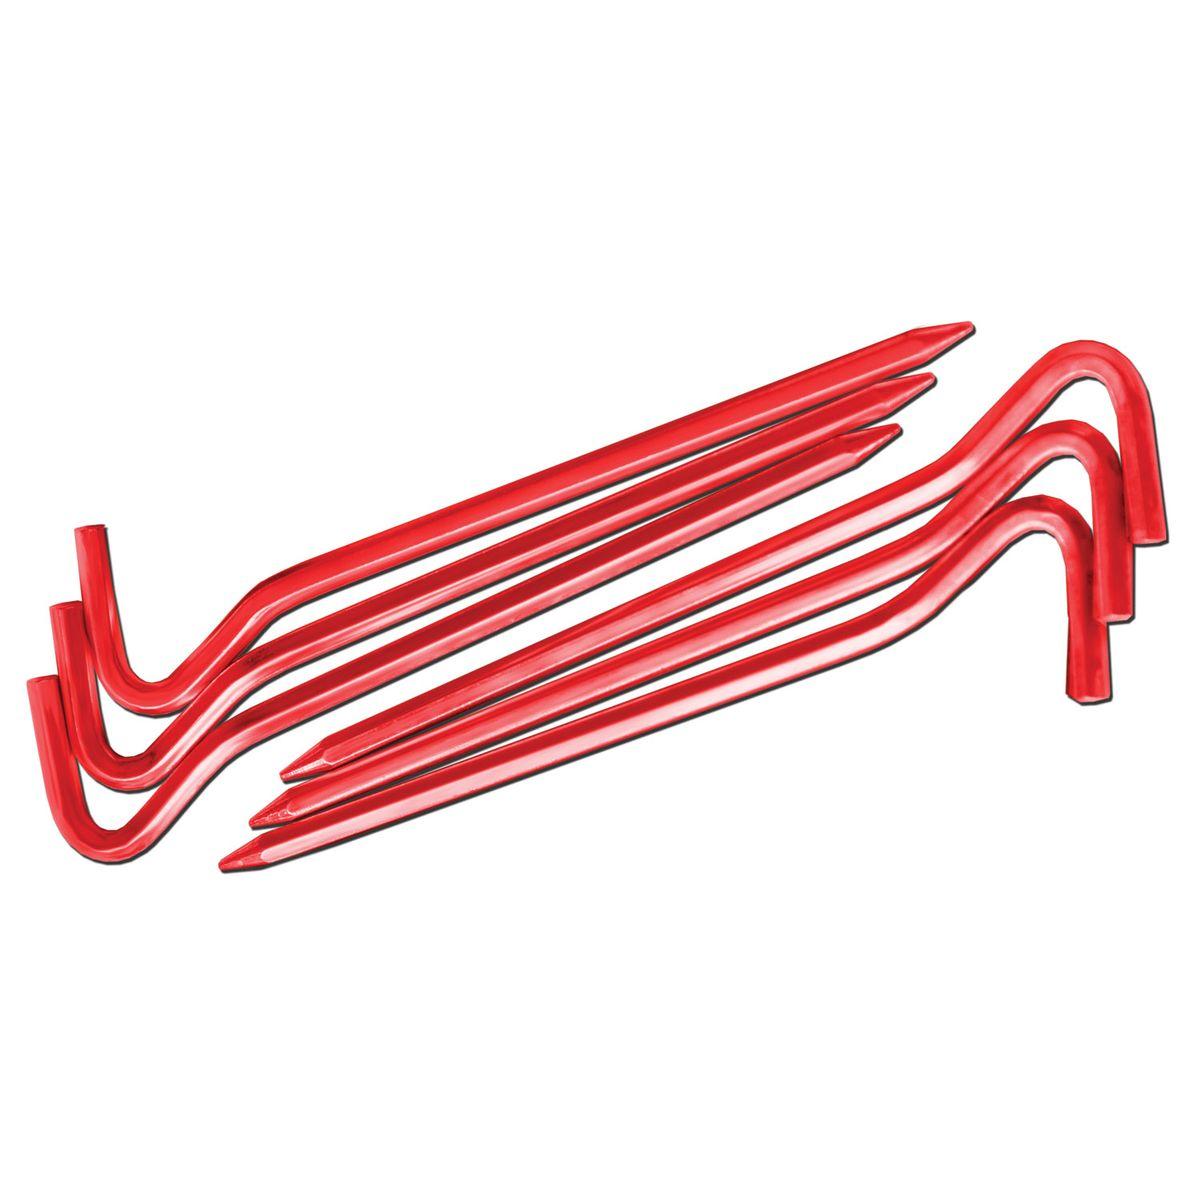 Комплект колышков шестигранных Nova Tour  v2 , цвет: красный металлик, 10 шт - Палатки и тенты